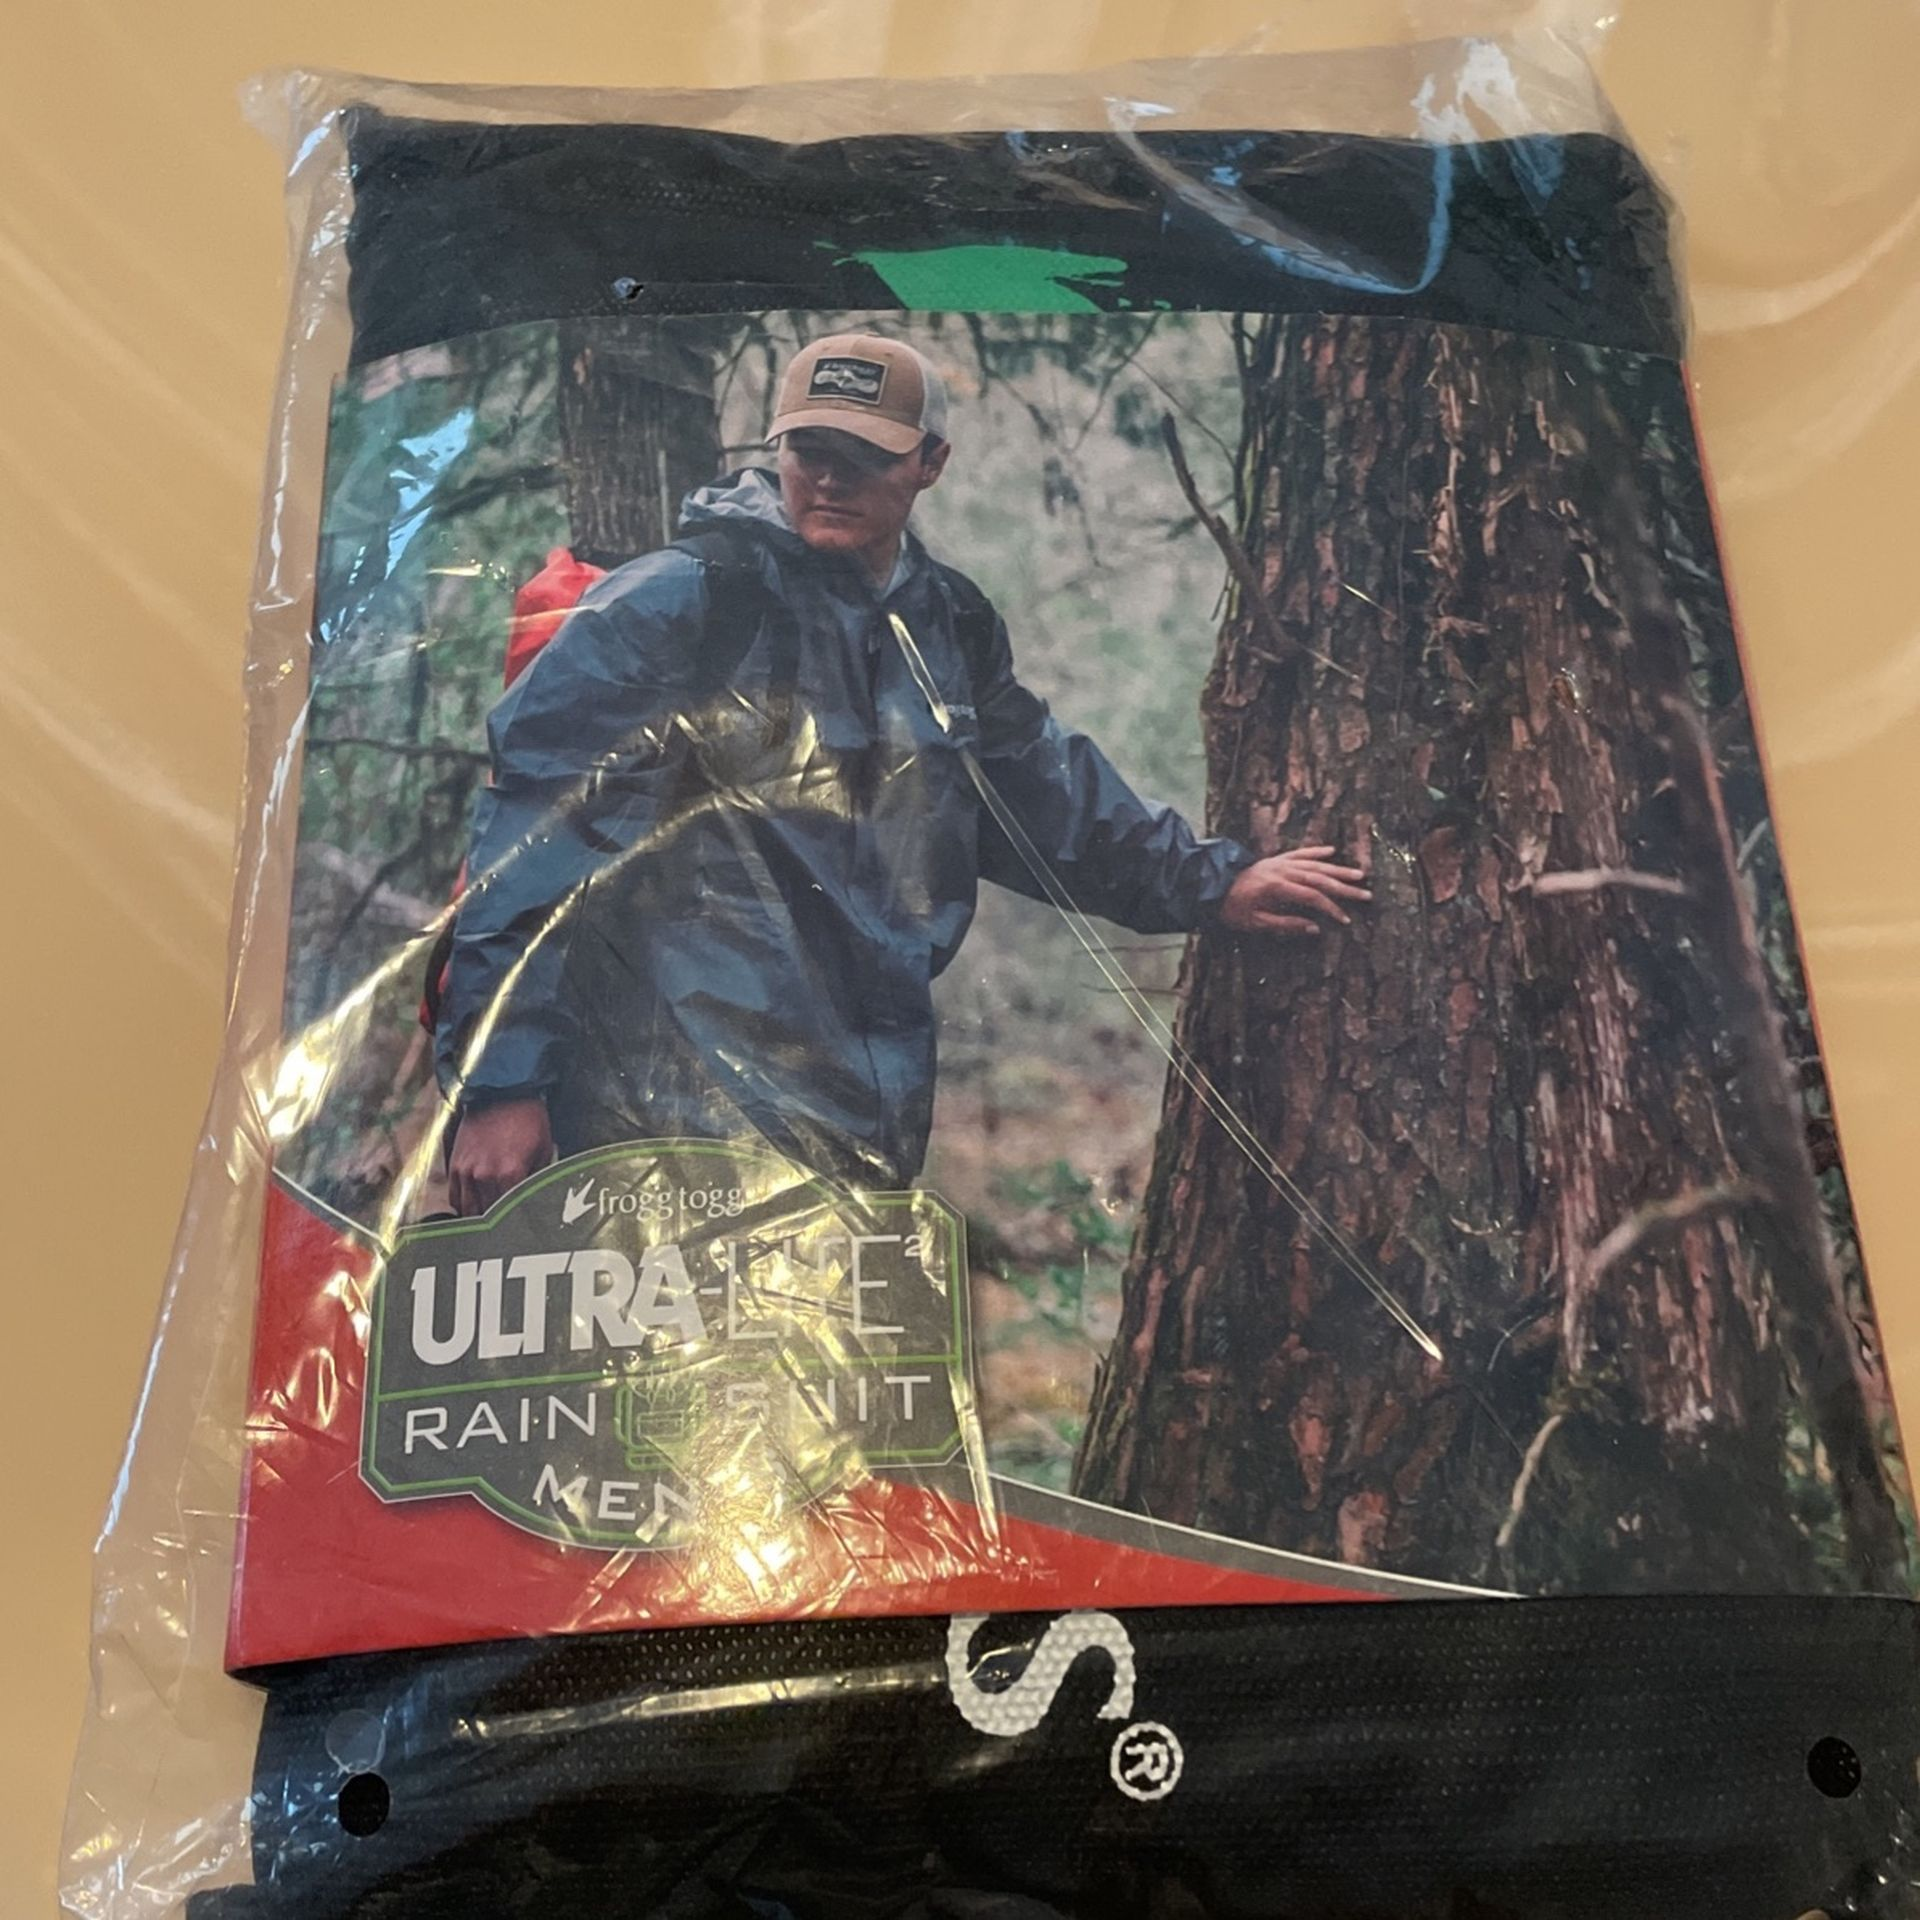 Ultra Lite Men's Rain Suit